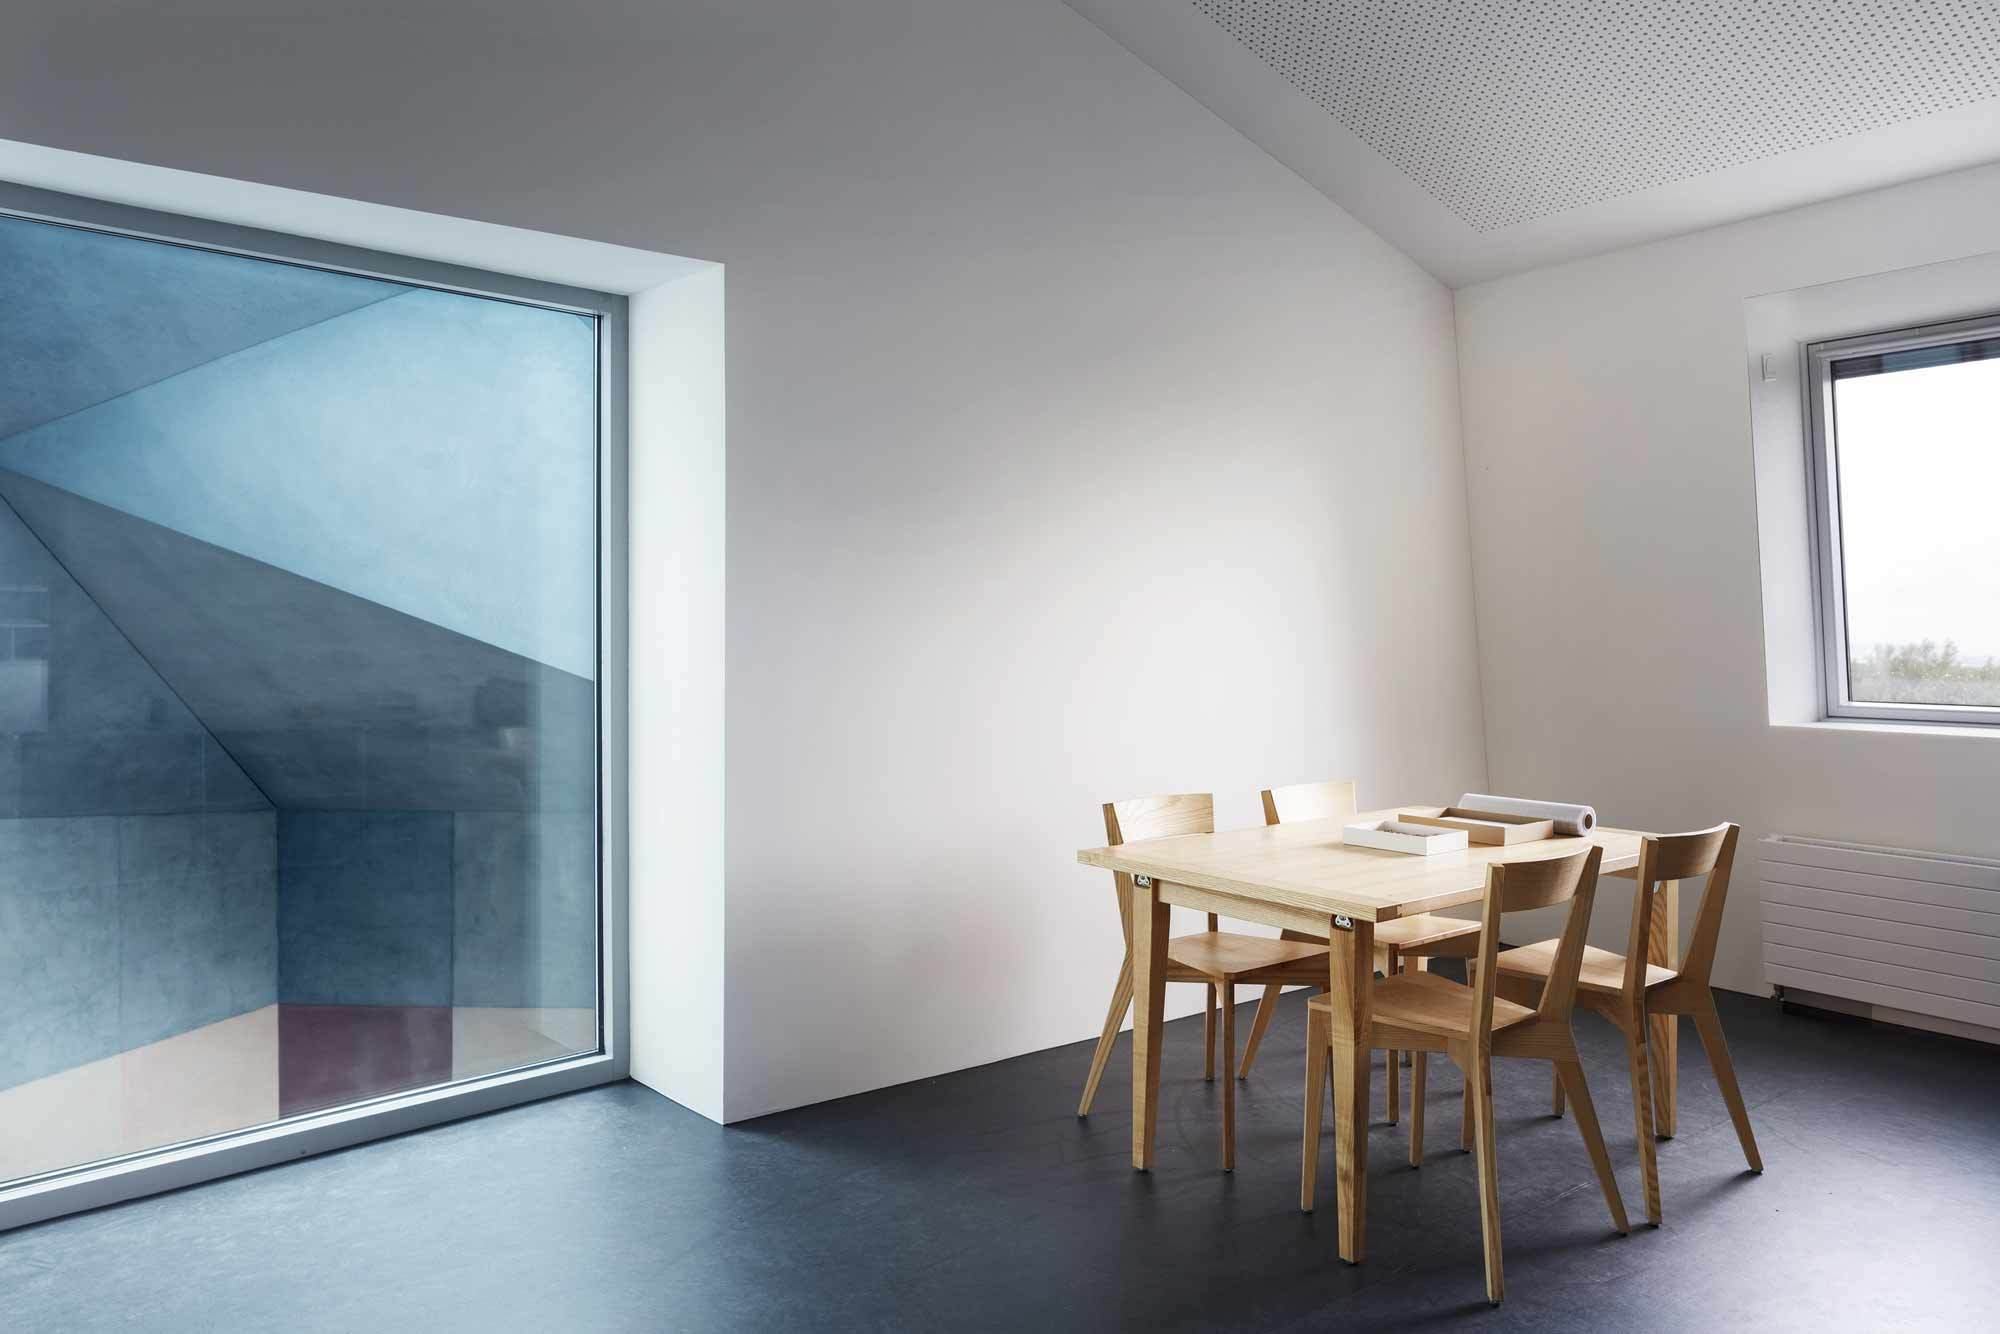 Der Zürcher Architekt Lukas Imhof erweiterte die anthroposophische Schule am Ekkharthof in Lengwil am Bodensee – und zwar mit rechten Winkeln. Foto: Lucas Peters